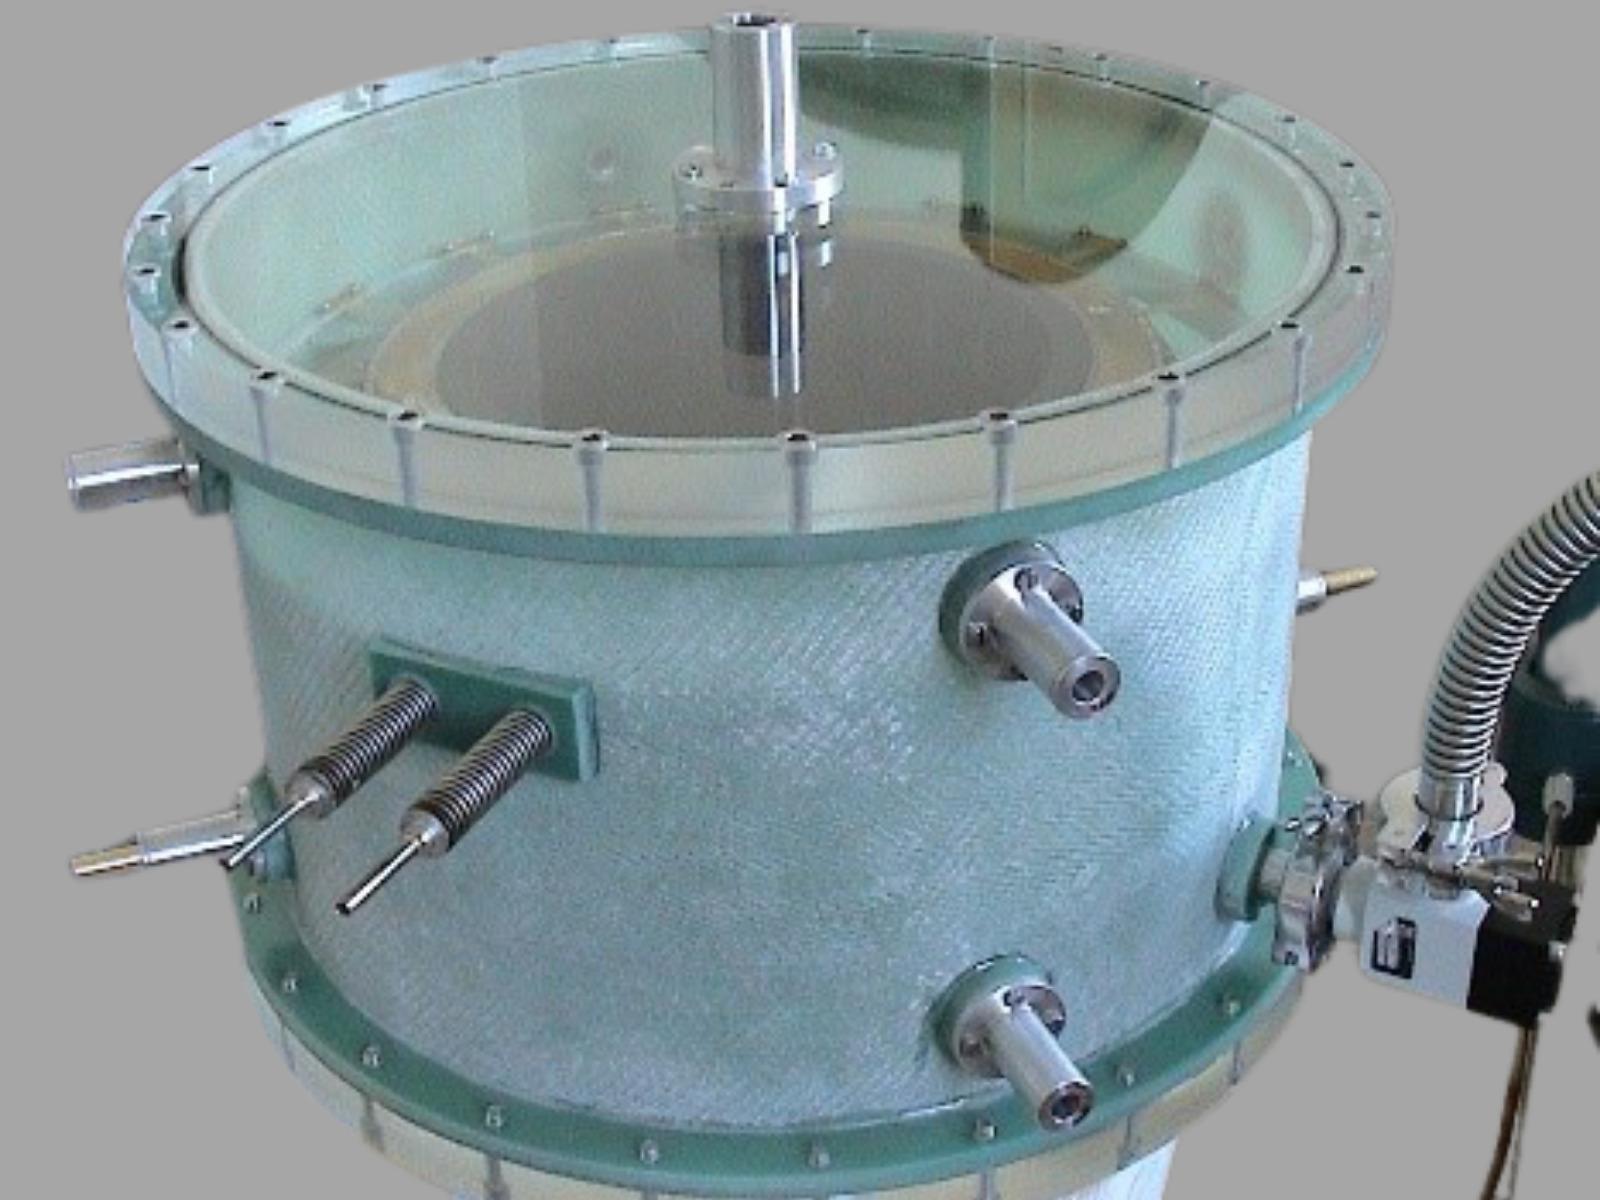 Non-metalic SMB cryostat